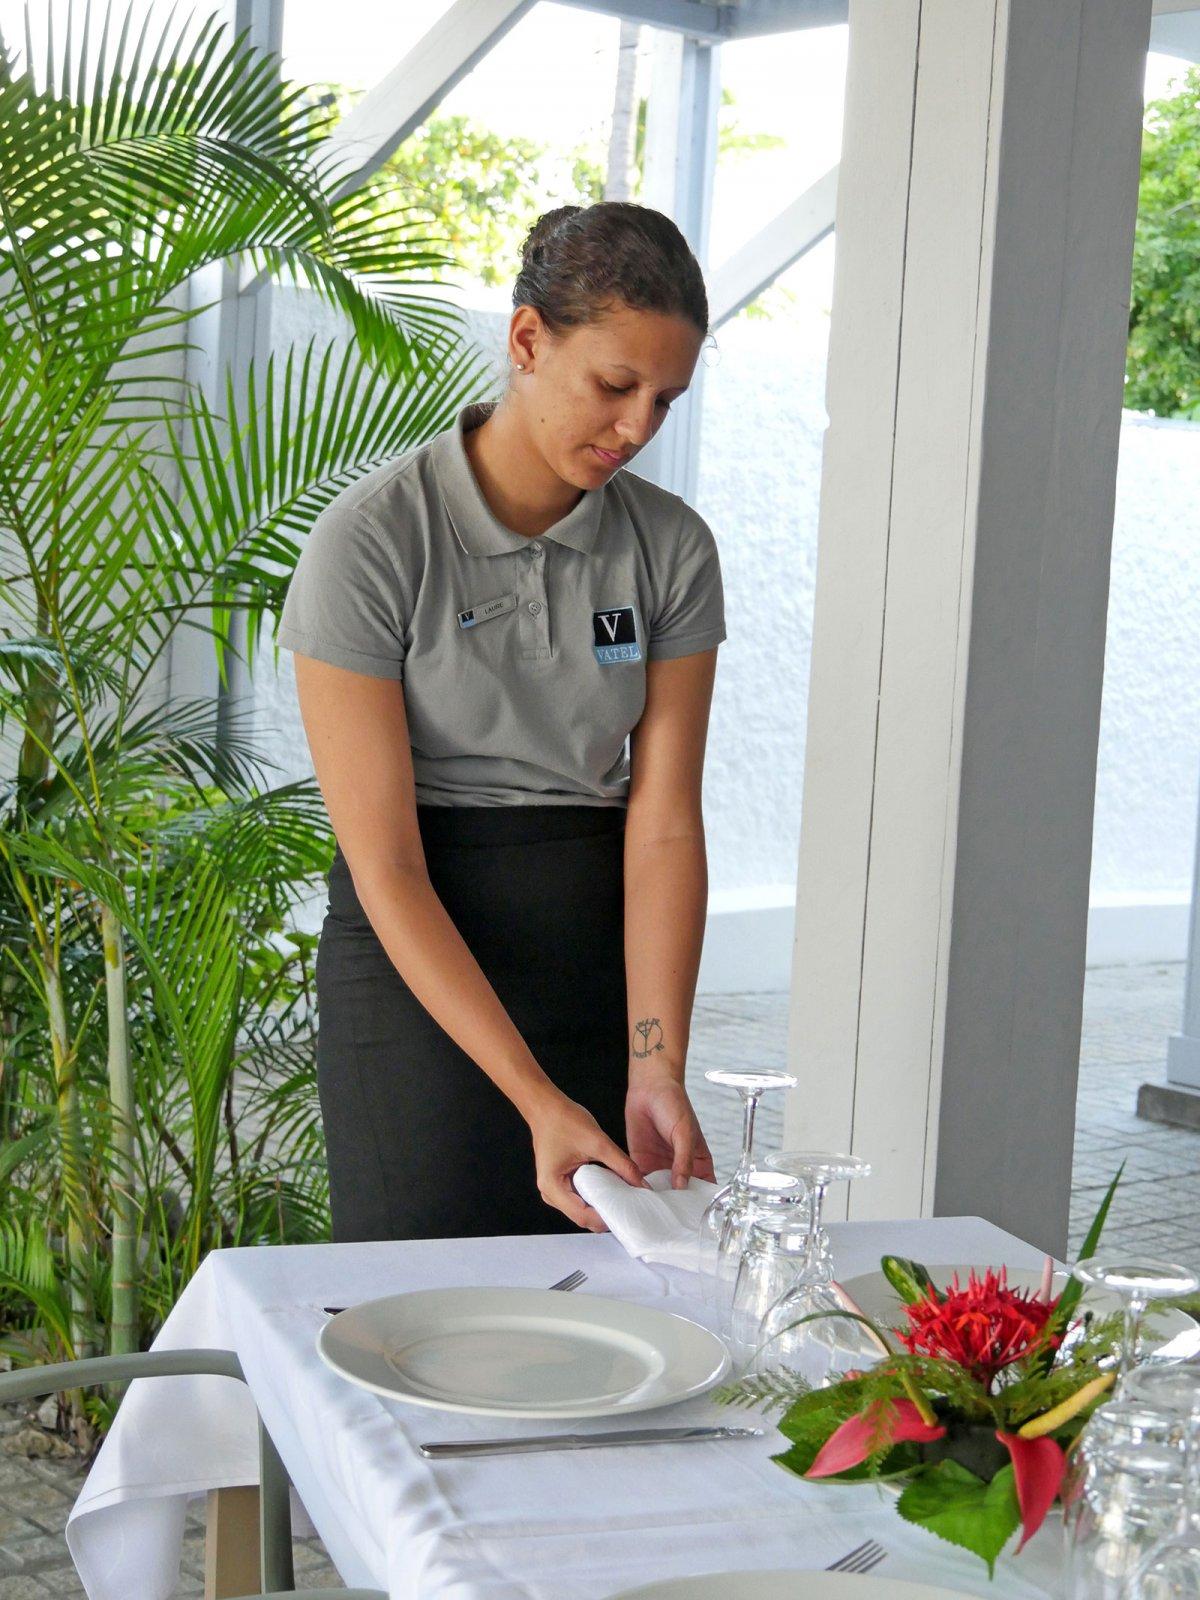 Vatel La Réunion - Evaluation en Travaux Pratiques 03/02/08 - 34